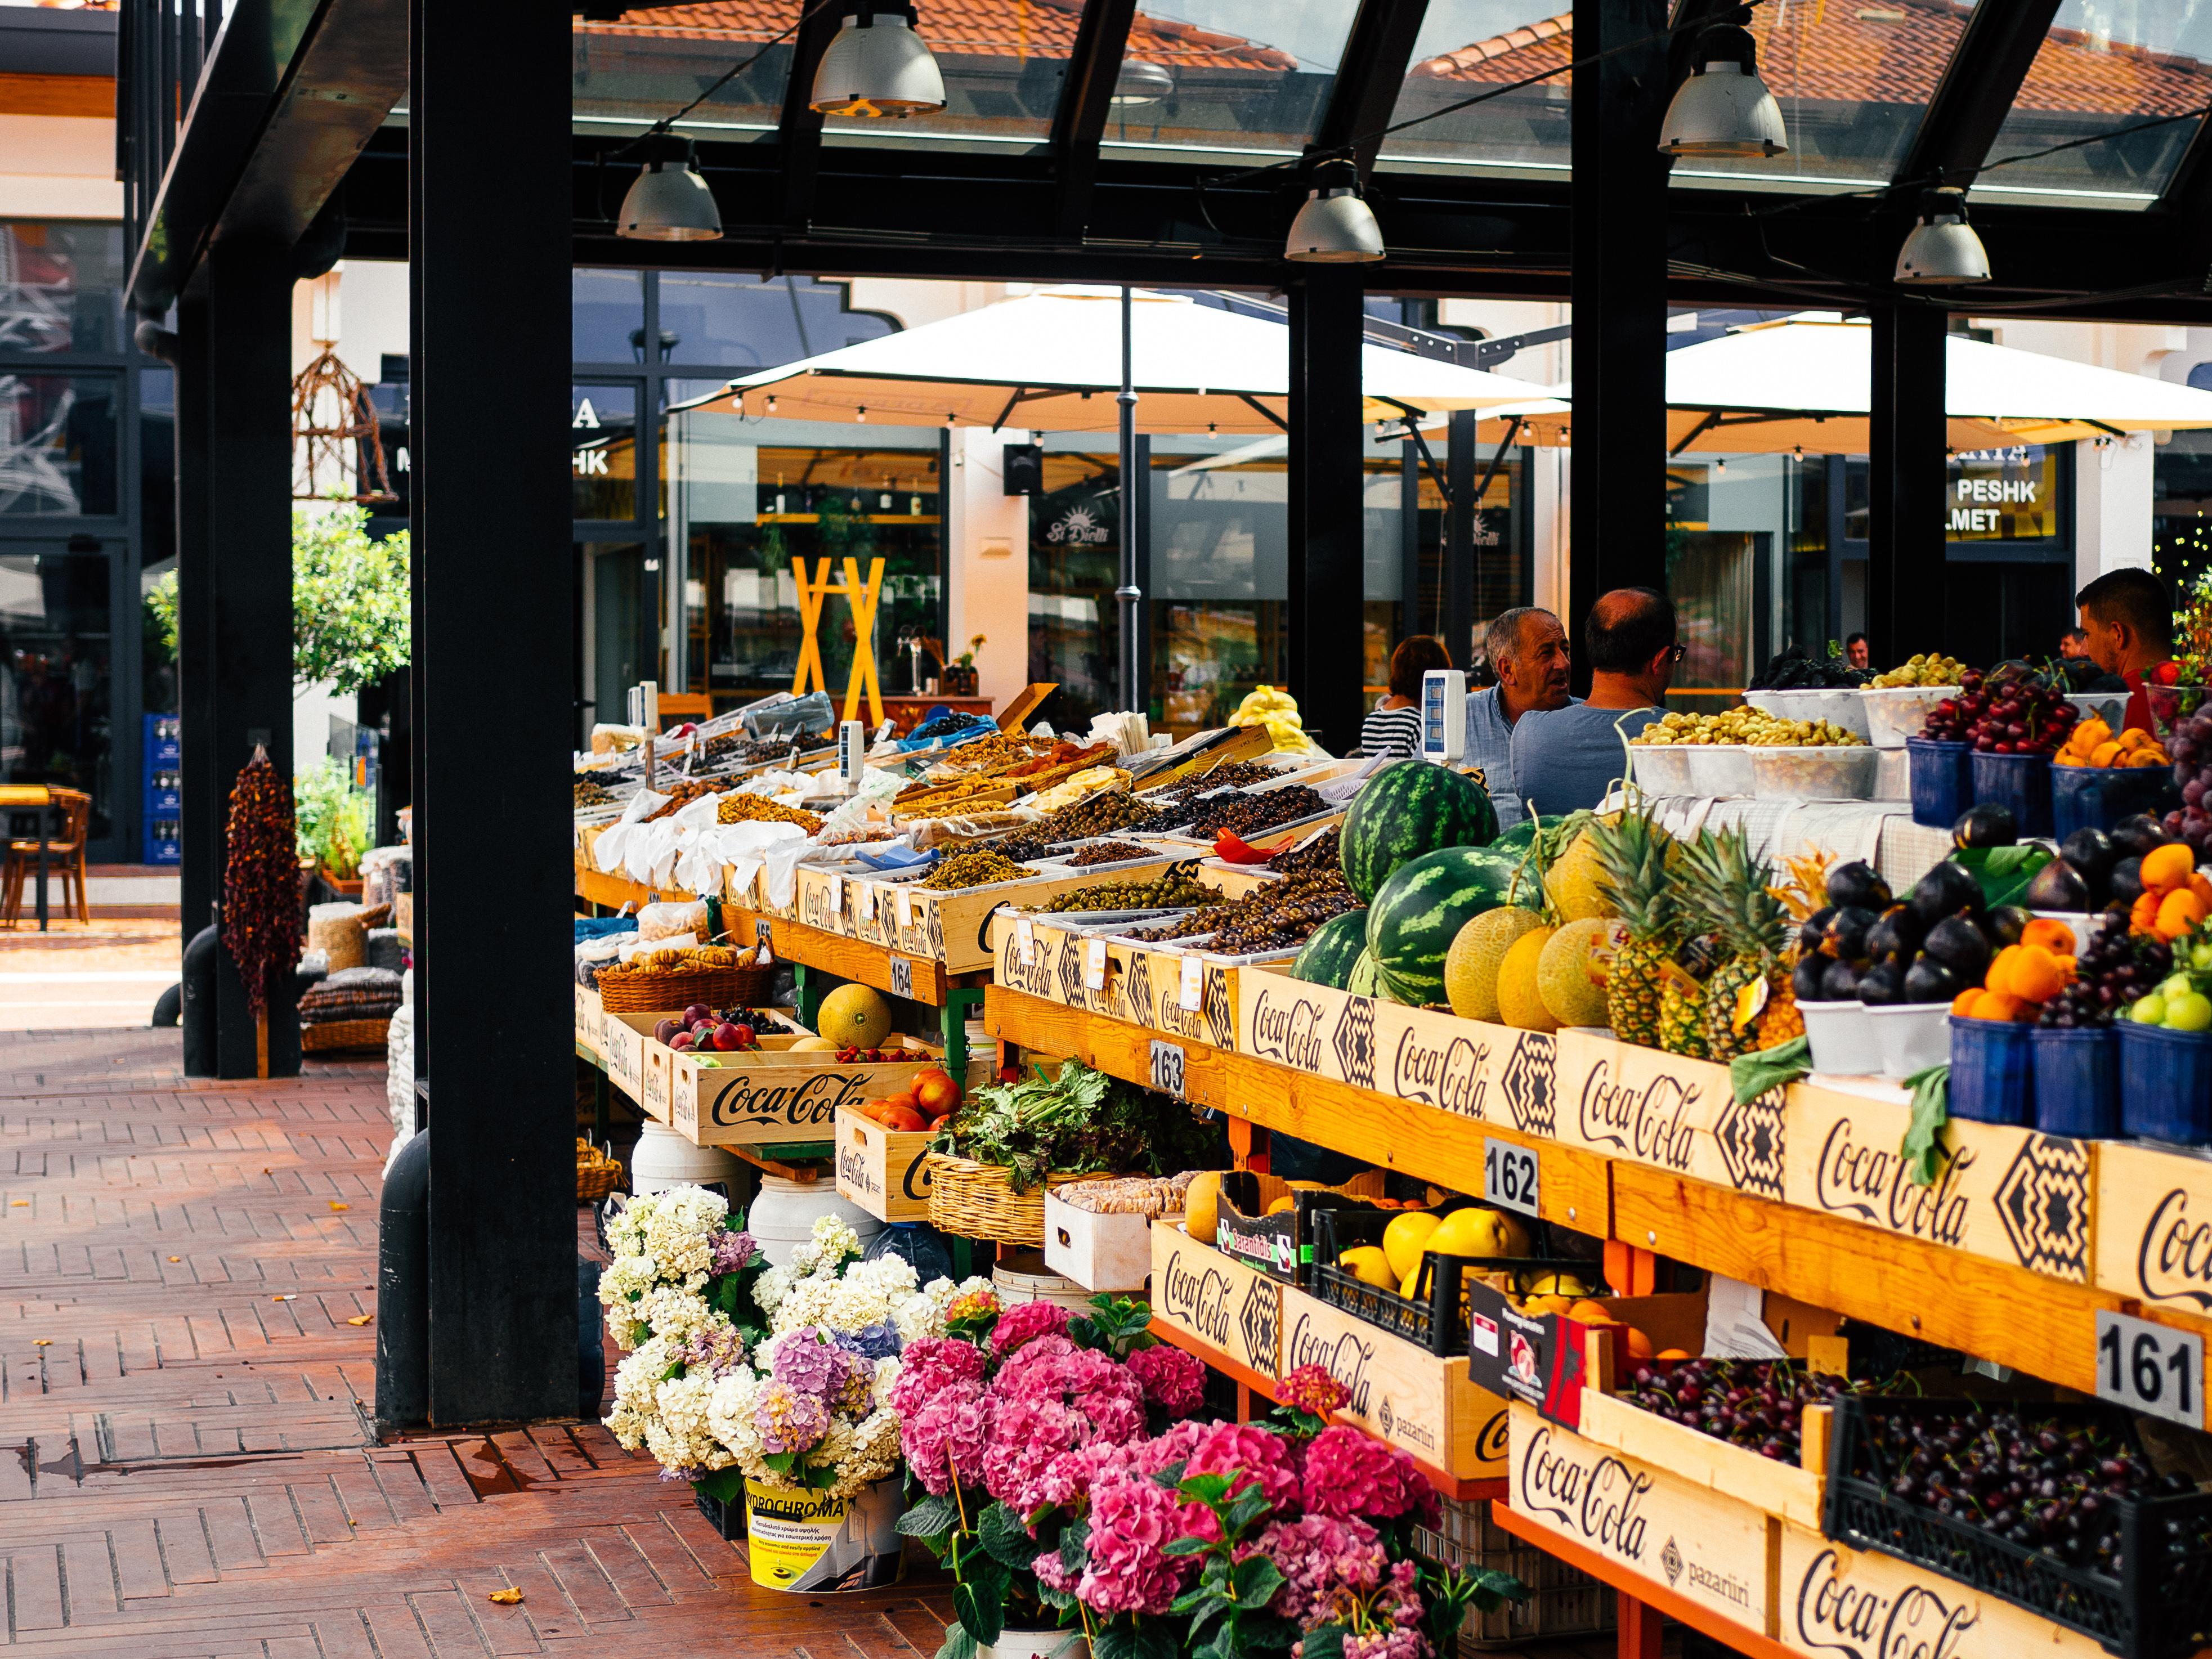 Market in Tirana